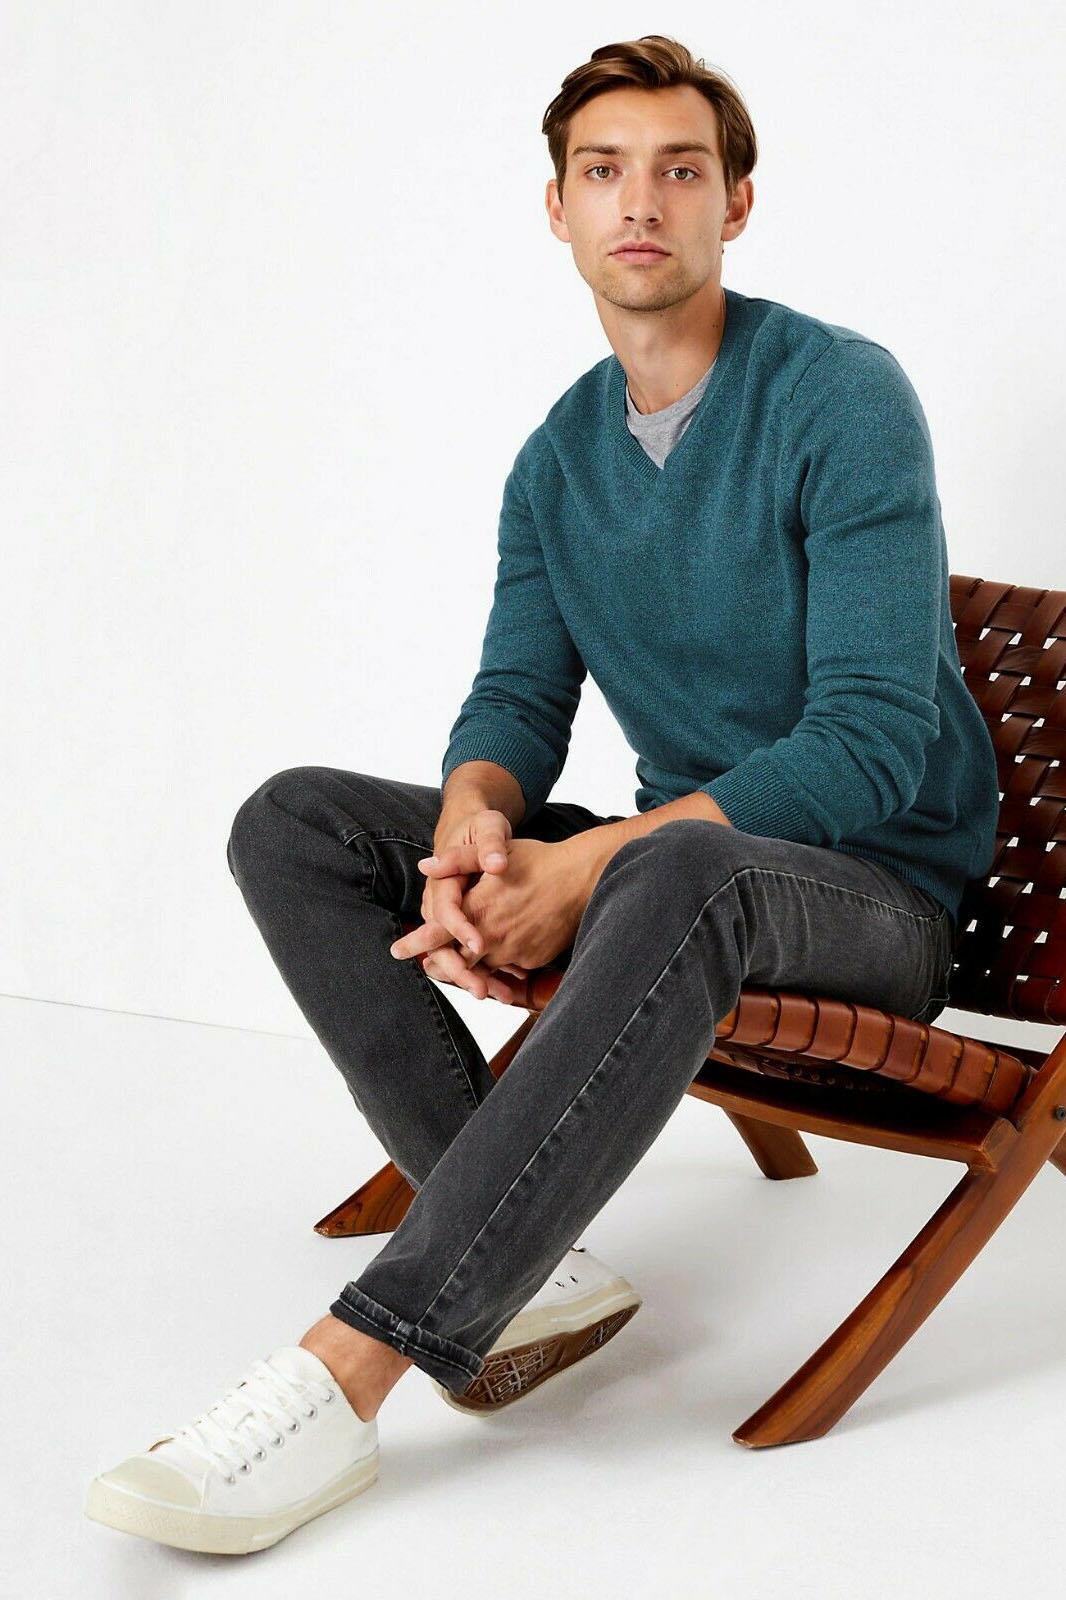 MARKS /& SPENCER Mens Lightweight Cotton V-neck Jumper M/&S Sweater RRP £19.50